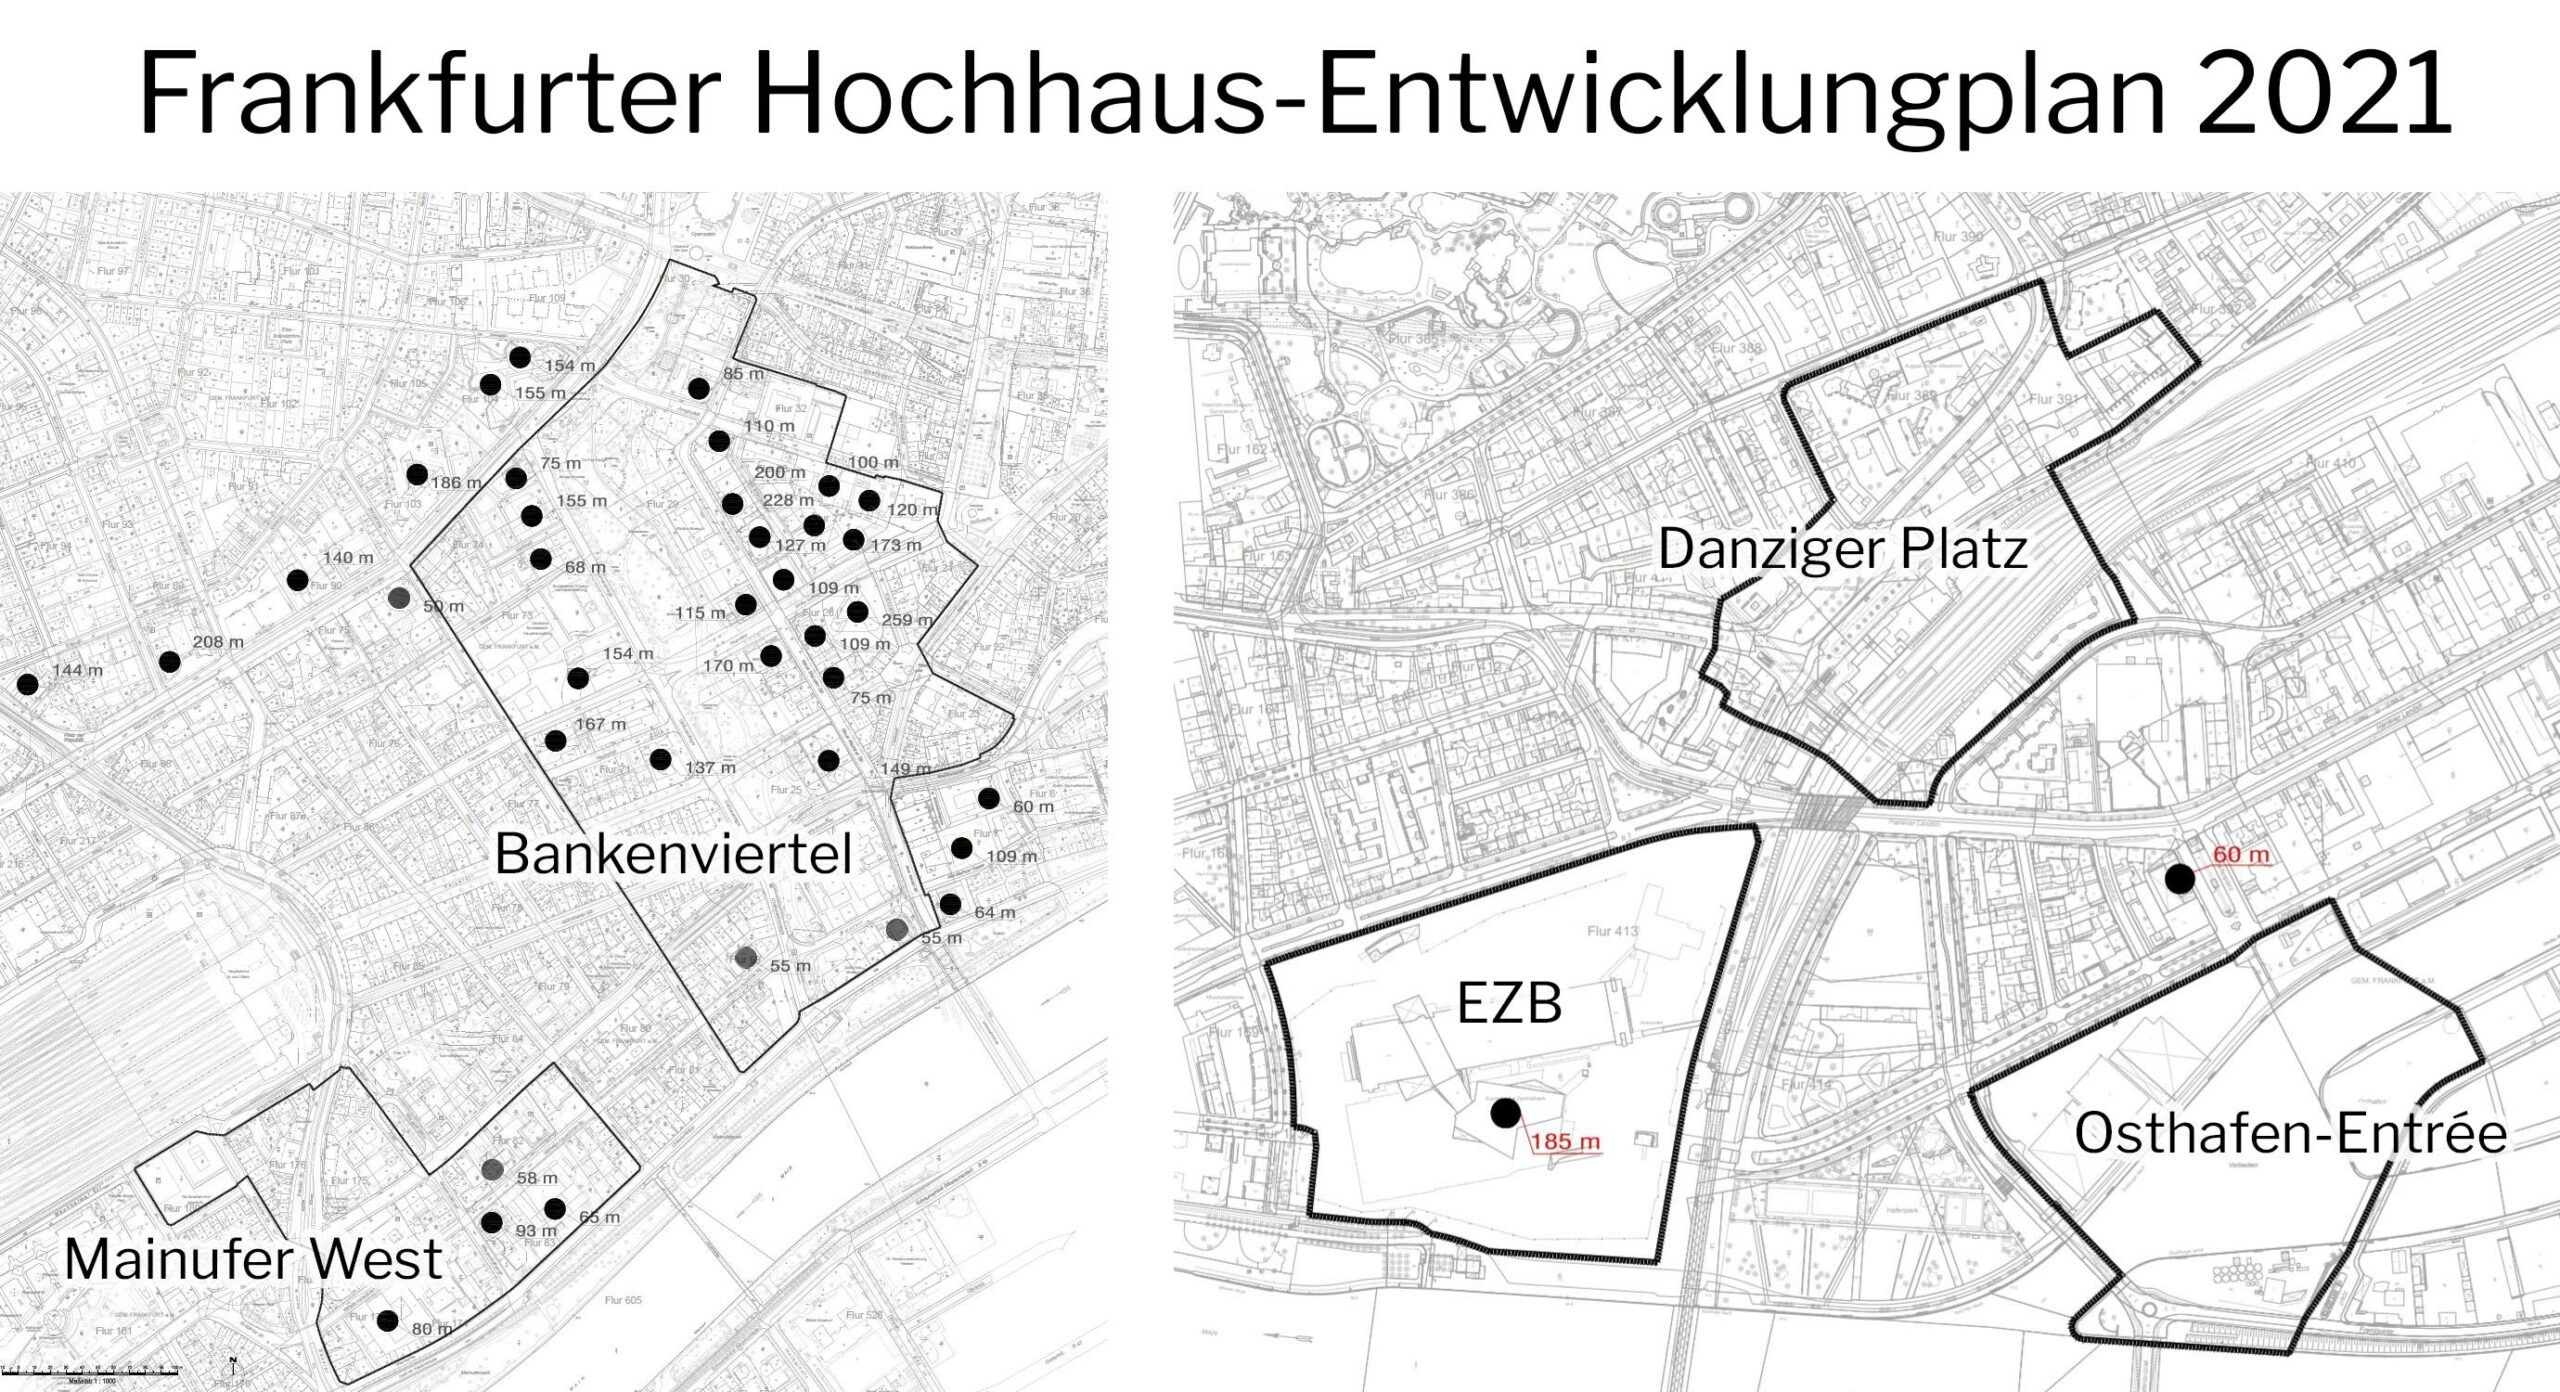 Frankfurter Hochhaus-Entwicklungsplan 2021 - HHEP 2021 - Hochhausrahmenplan 2021